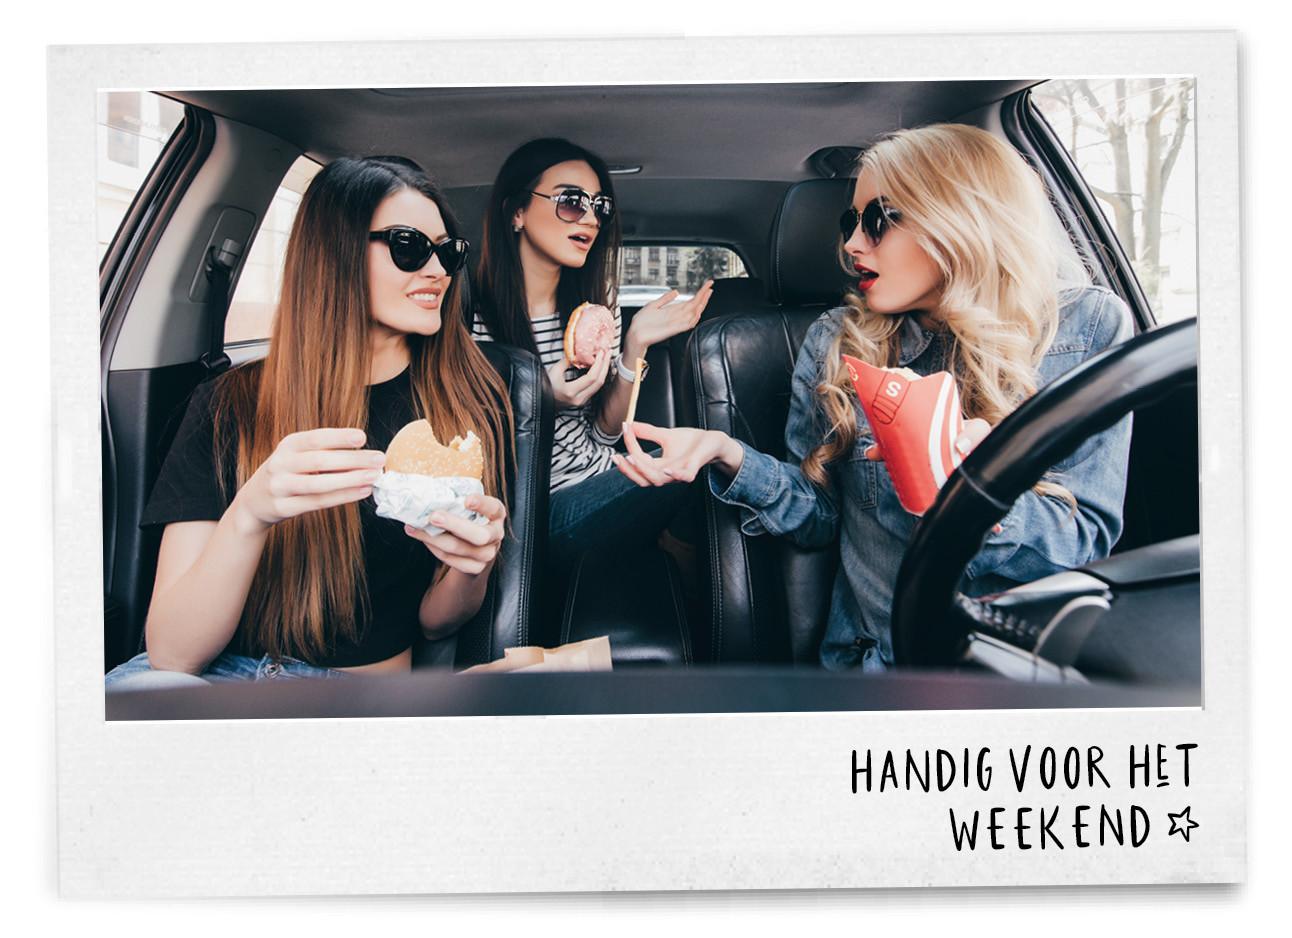 Vrouwen in de auto met macdonalds eten